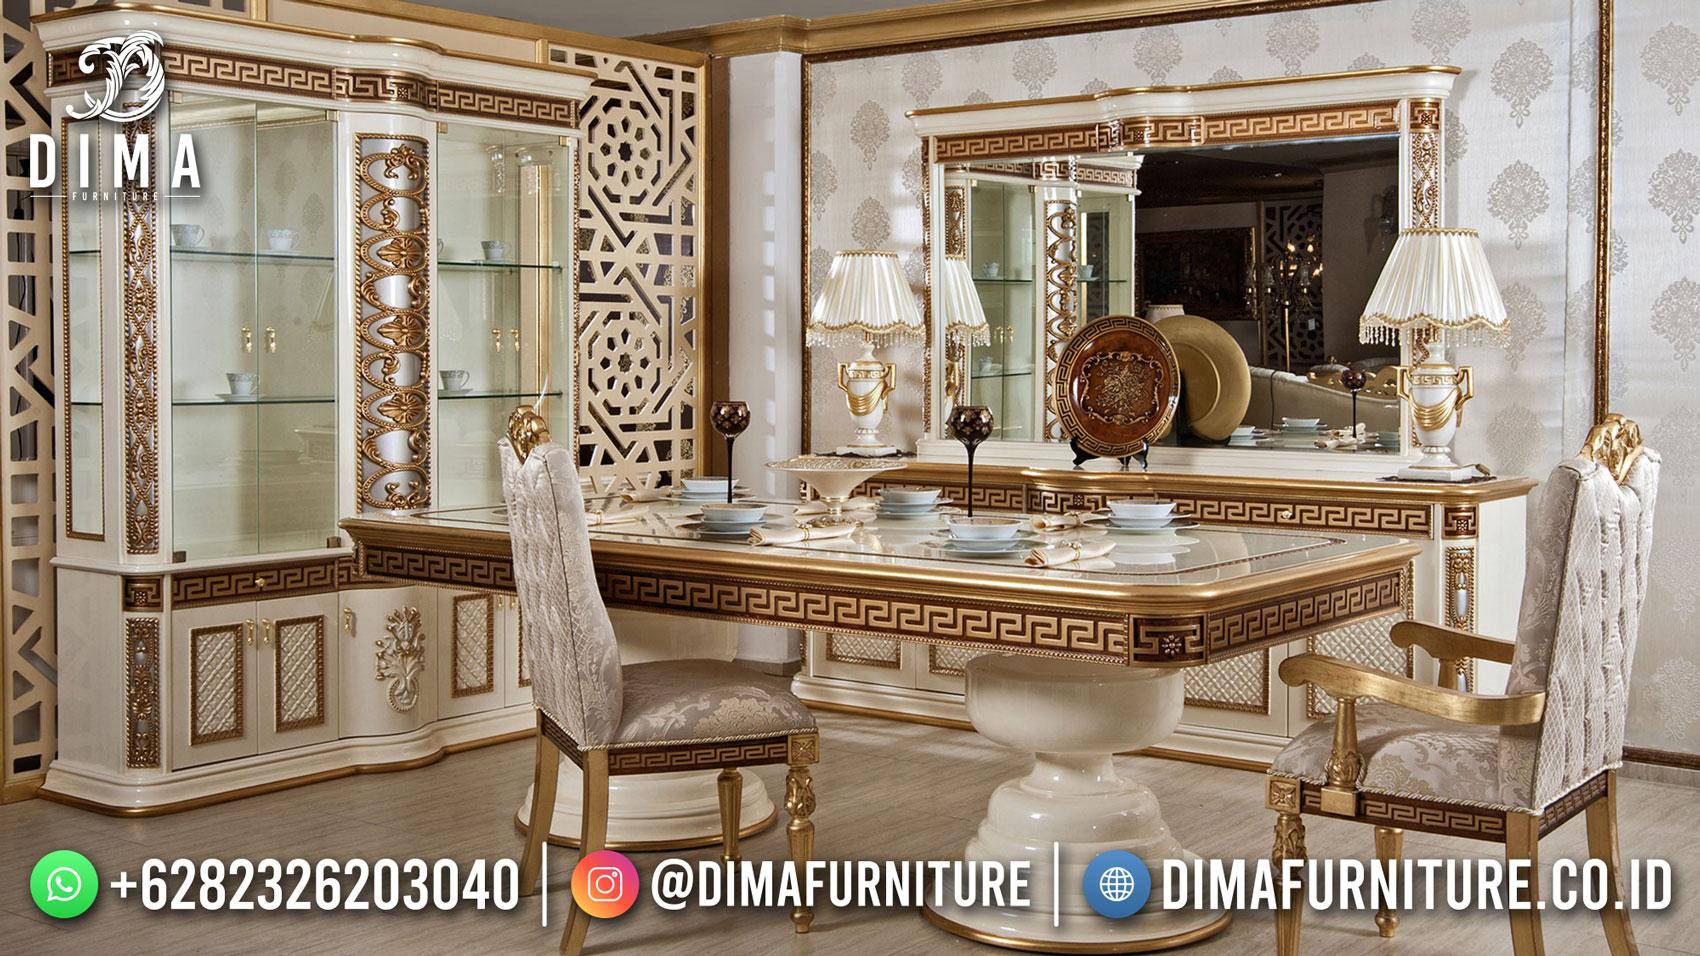 Harga Meja Makan Mewah Ukiran Classic Jepara Elegant Style ST-1494